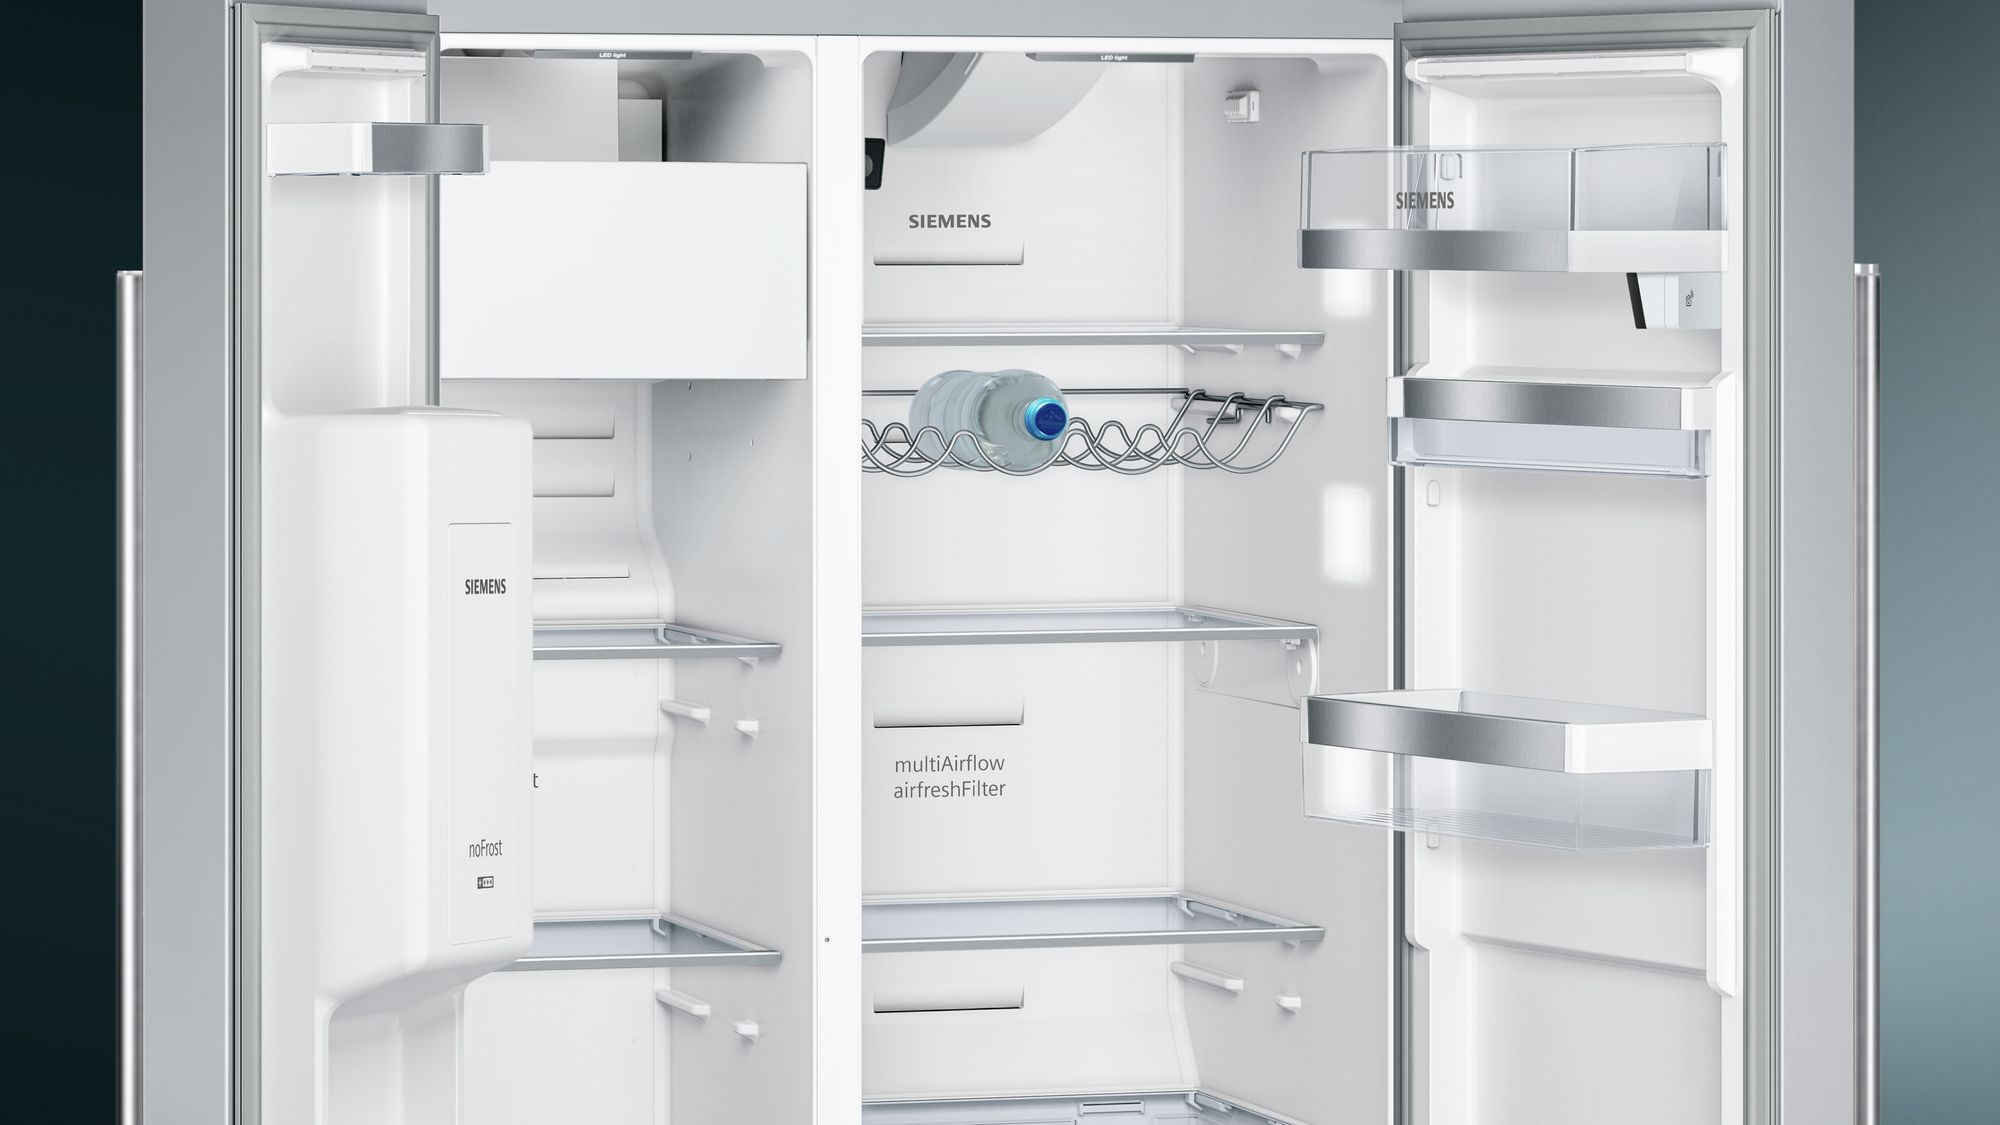 Bosch Kühlschrank Iwd Off : Siemens set side by side kühl gefrierkombination edelstahl